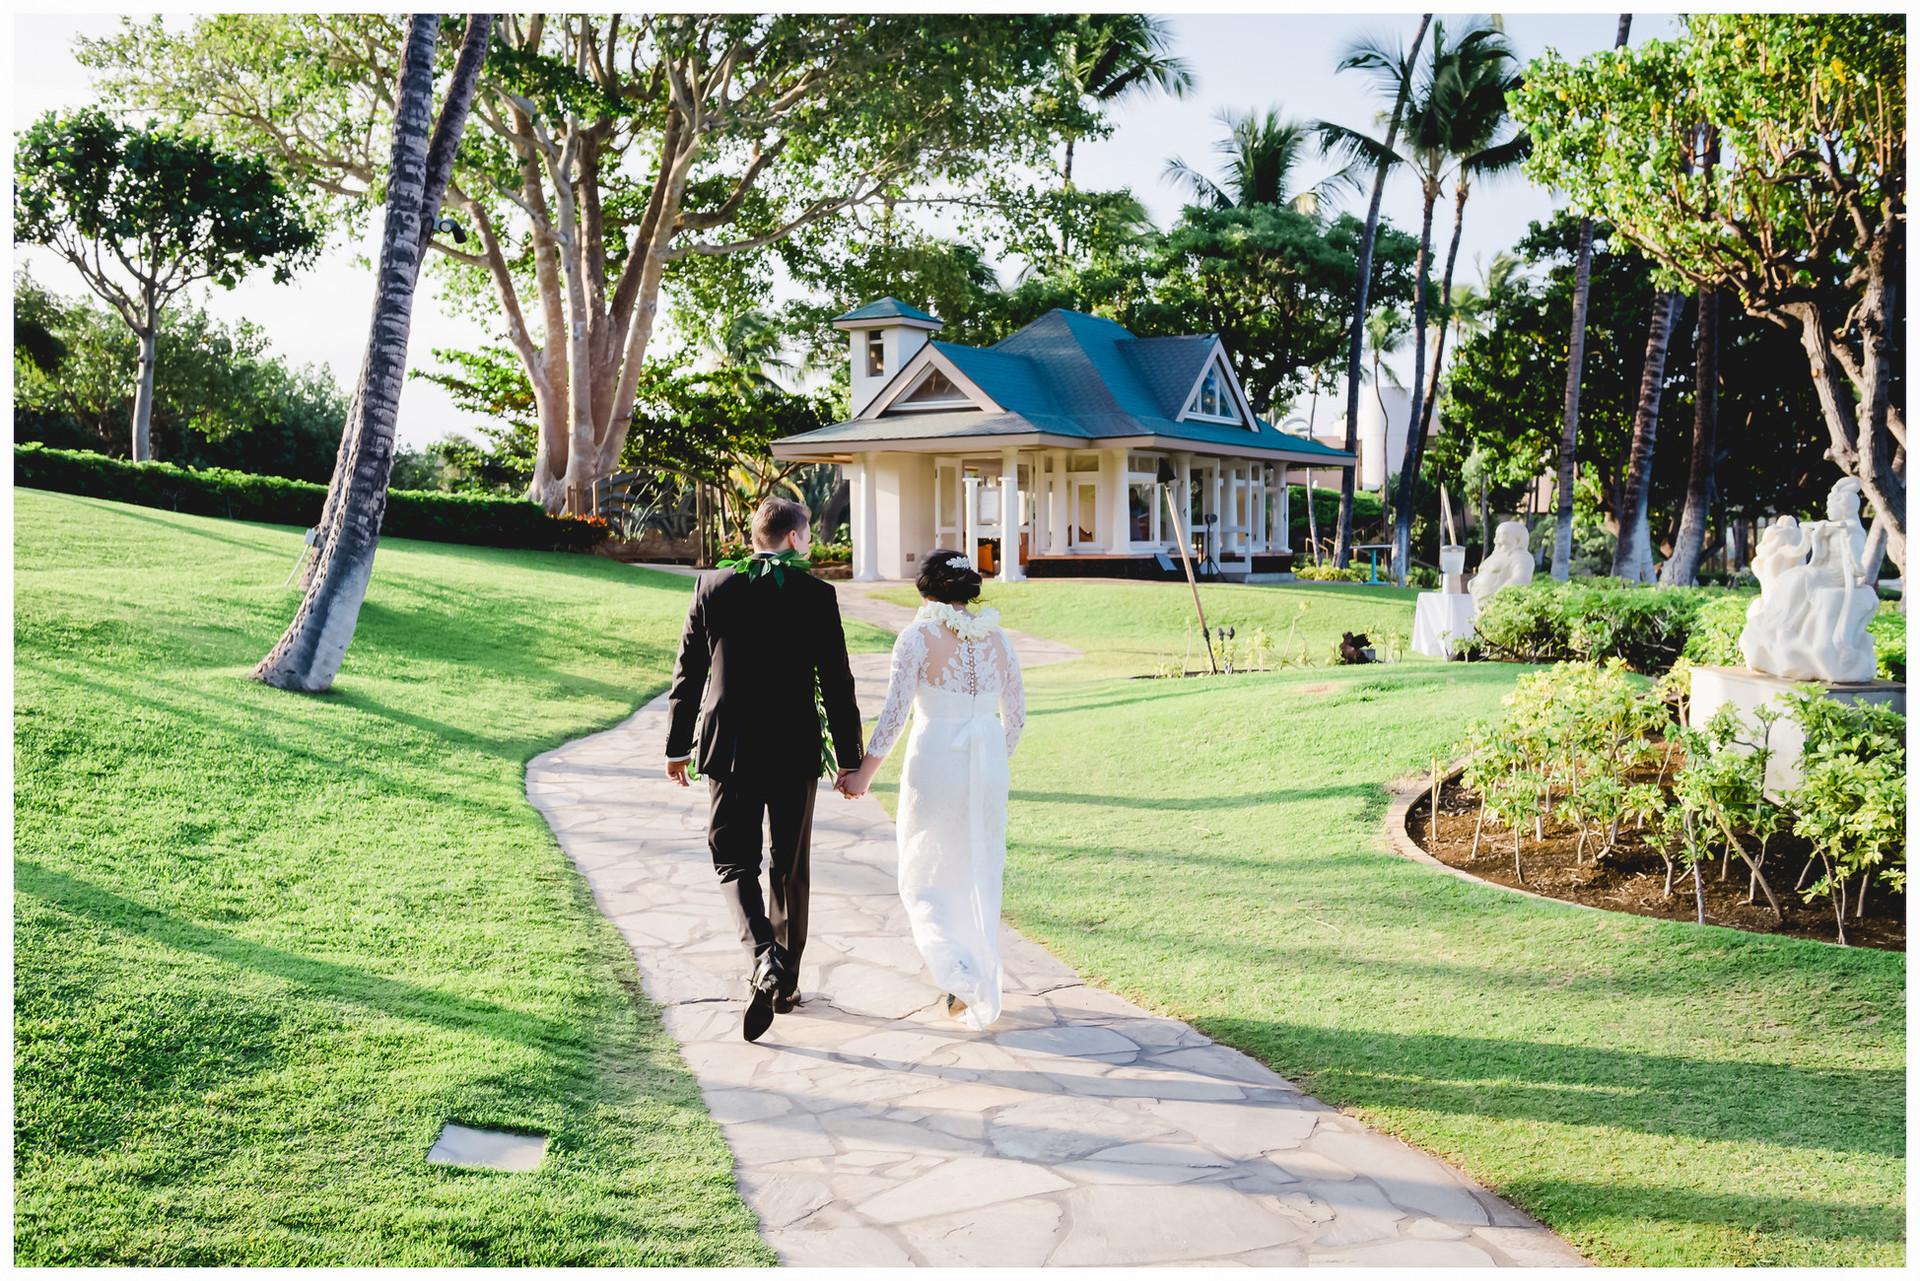 Hilton Hawaii Weddings 35.jpg